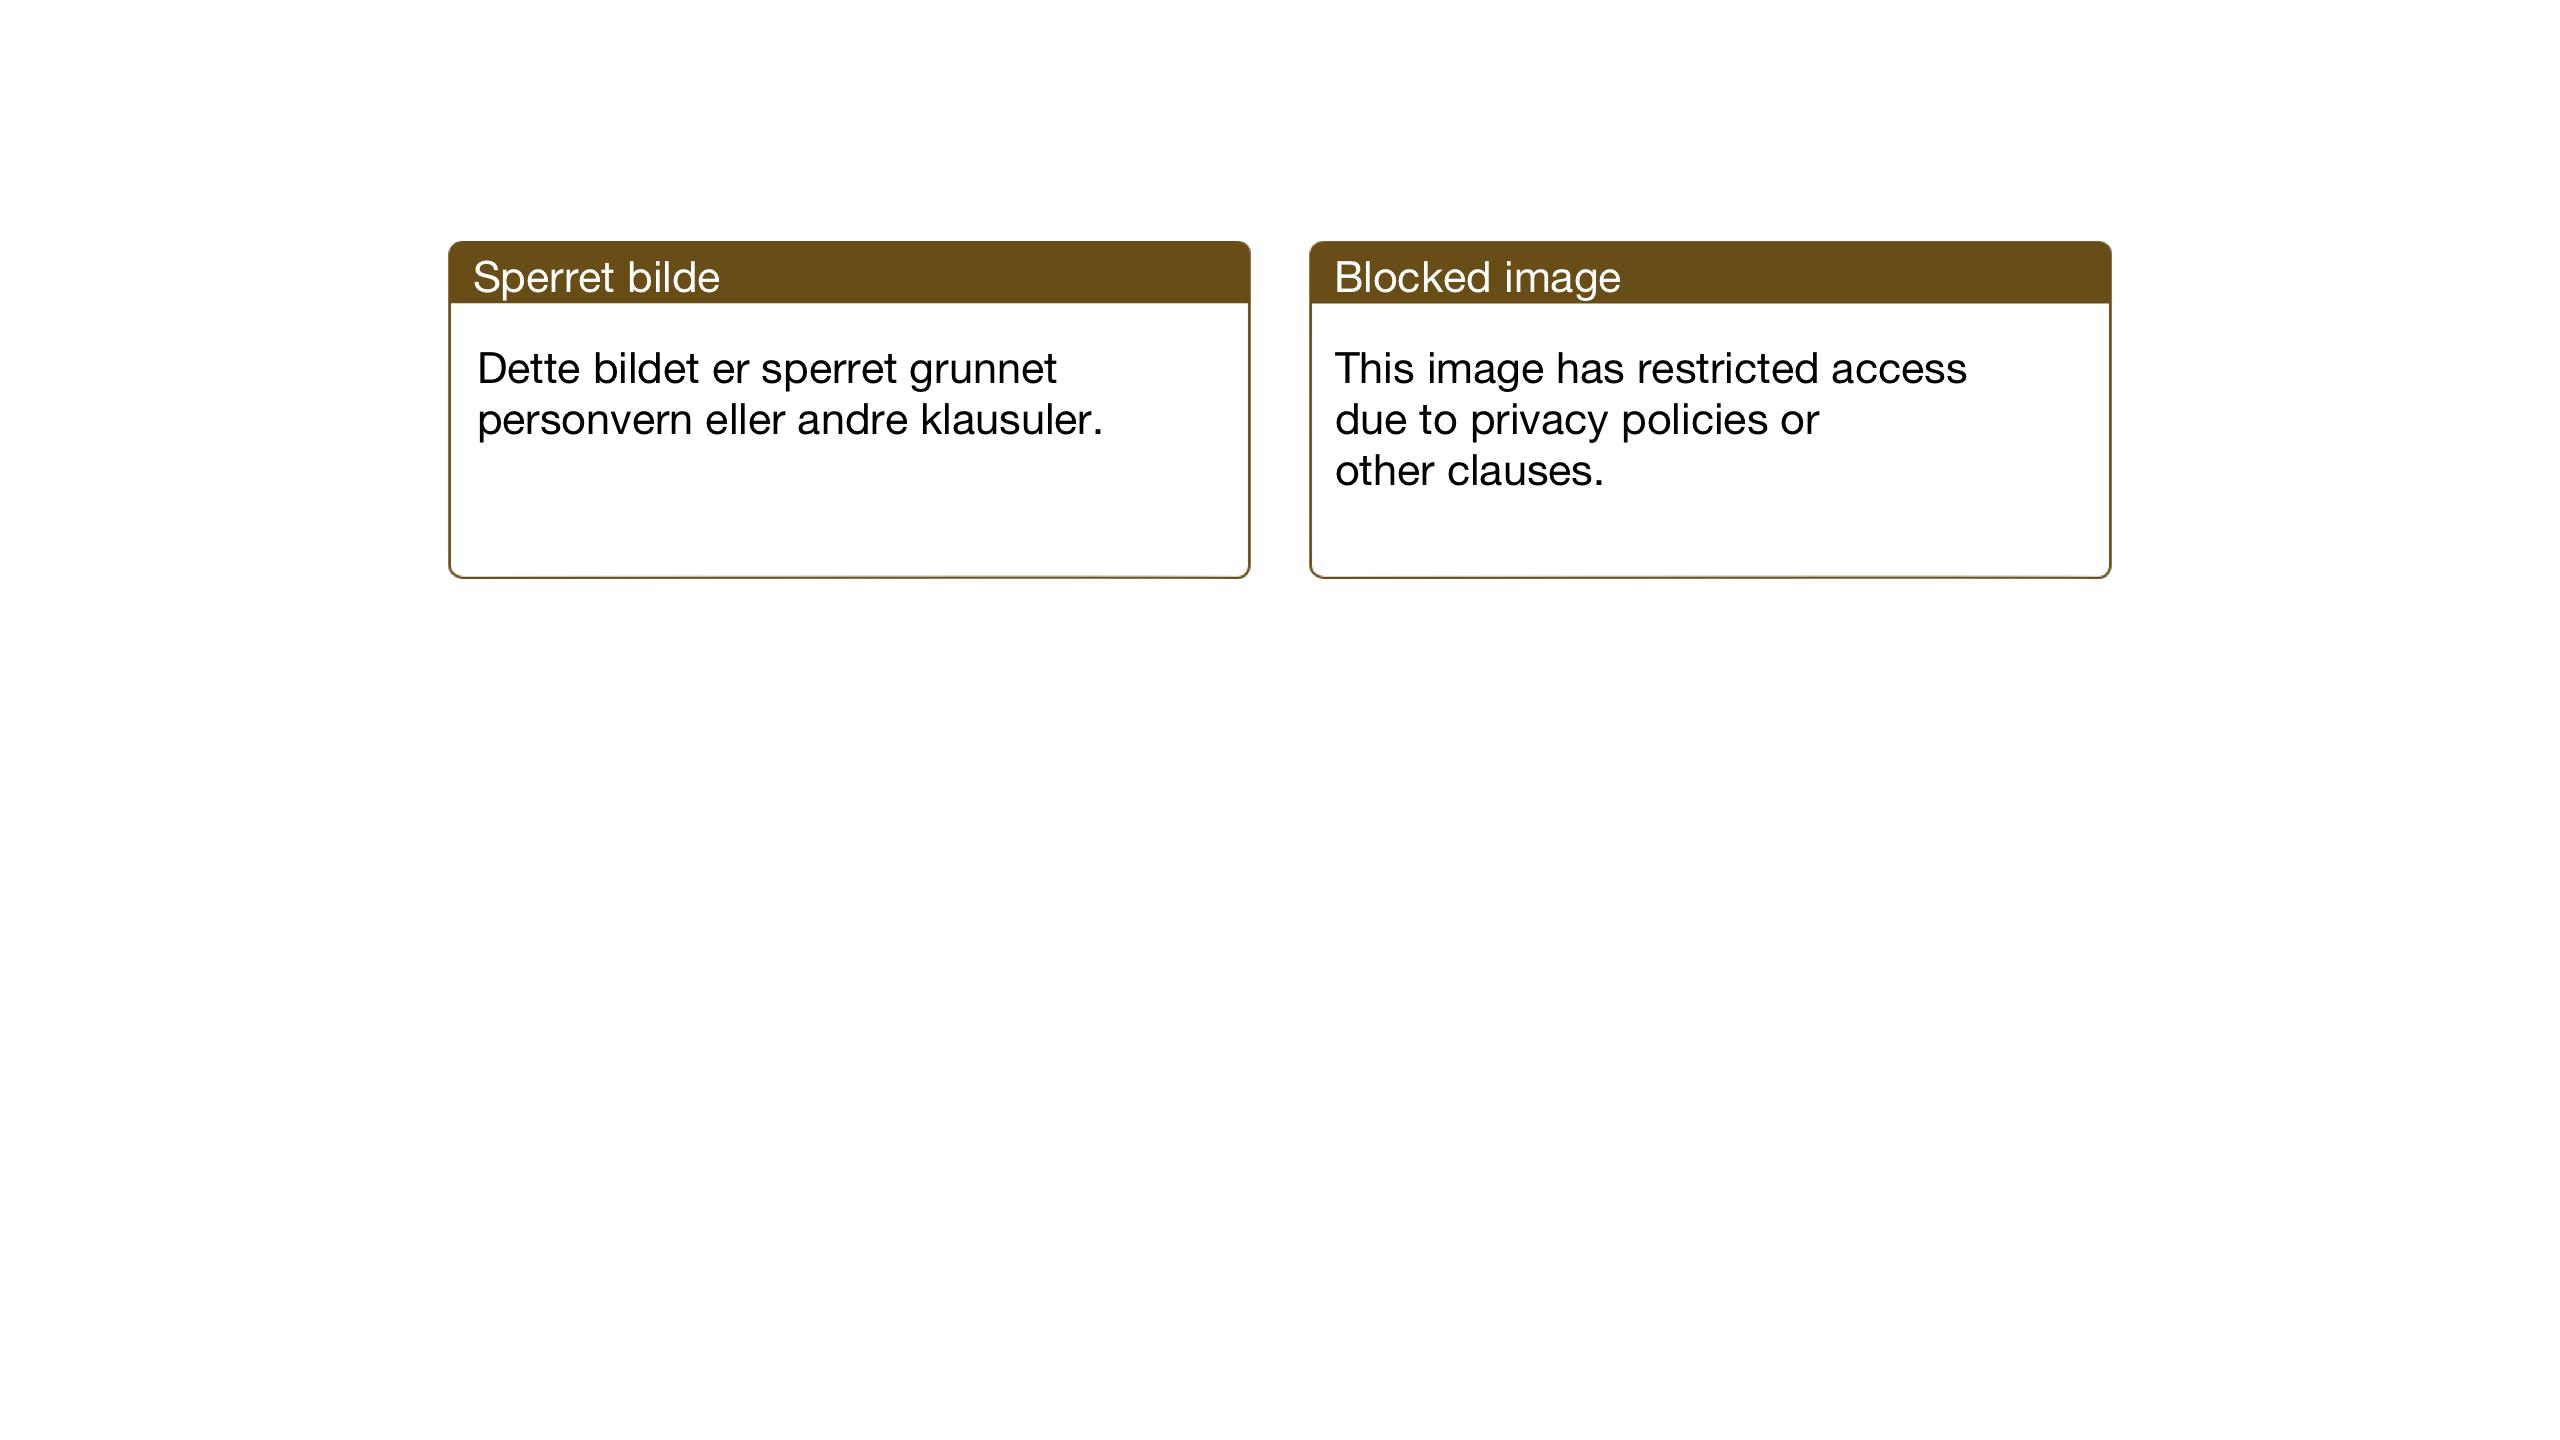 SAT, Ministerialprotokoller, klokkerbøker og fødselsregistre - Sør-Trøndelag, 682/L0947: Klokkerbok nr. 682C01, 1926-1968, s. 148